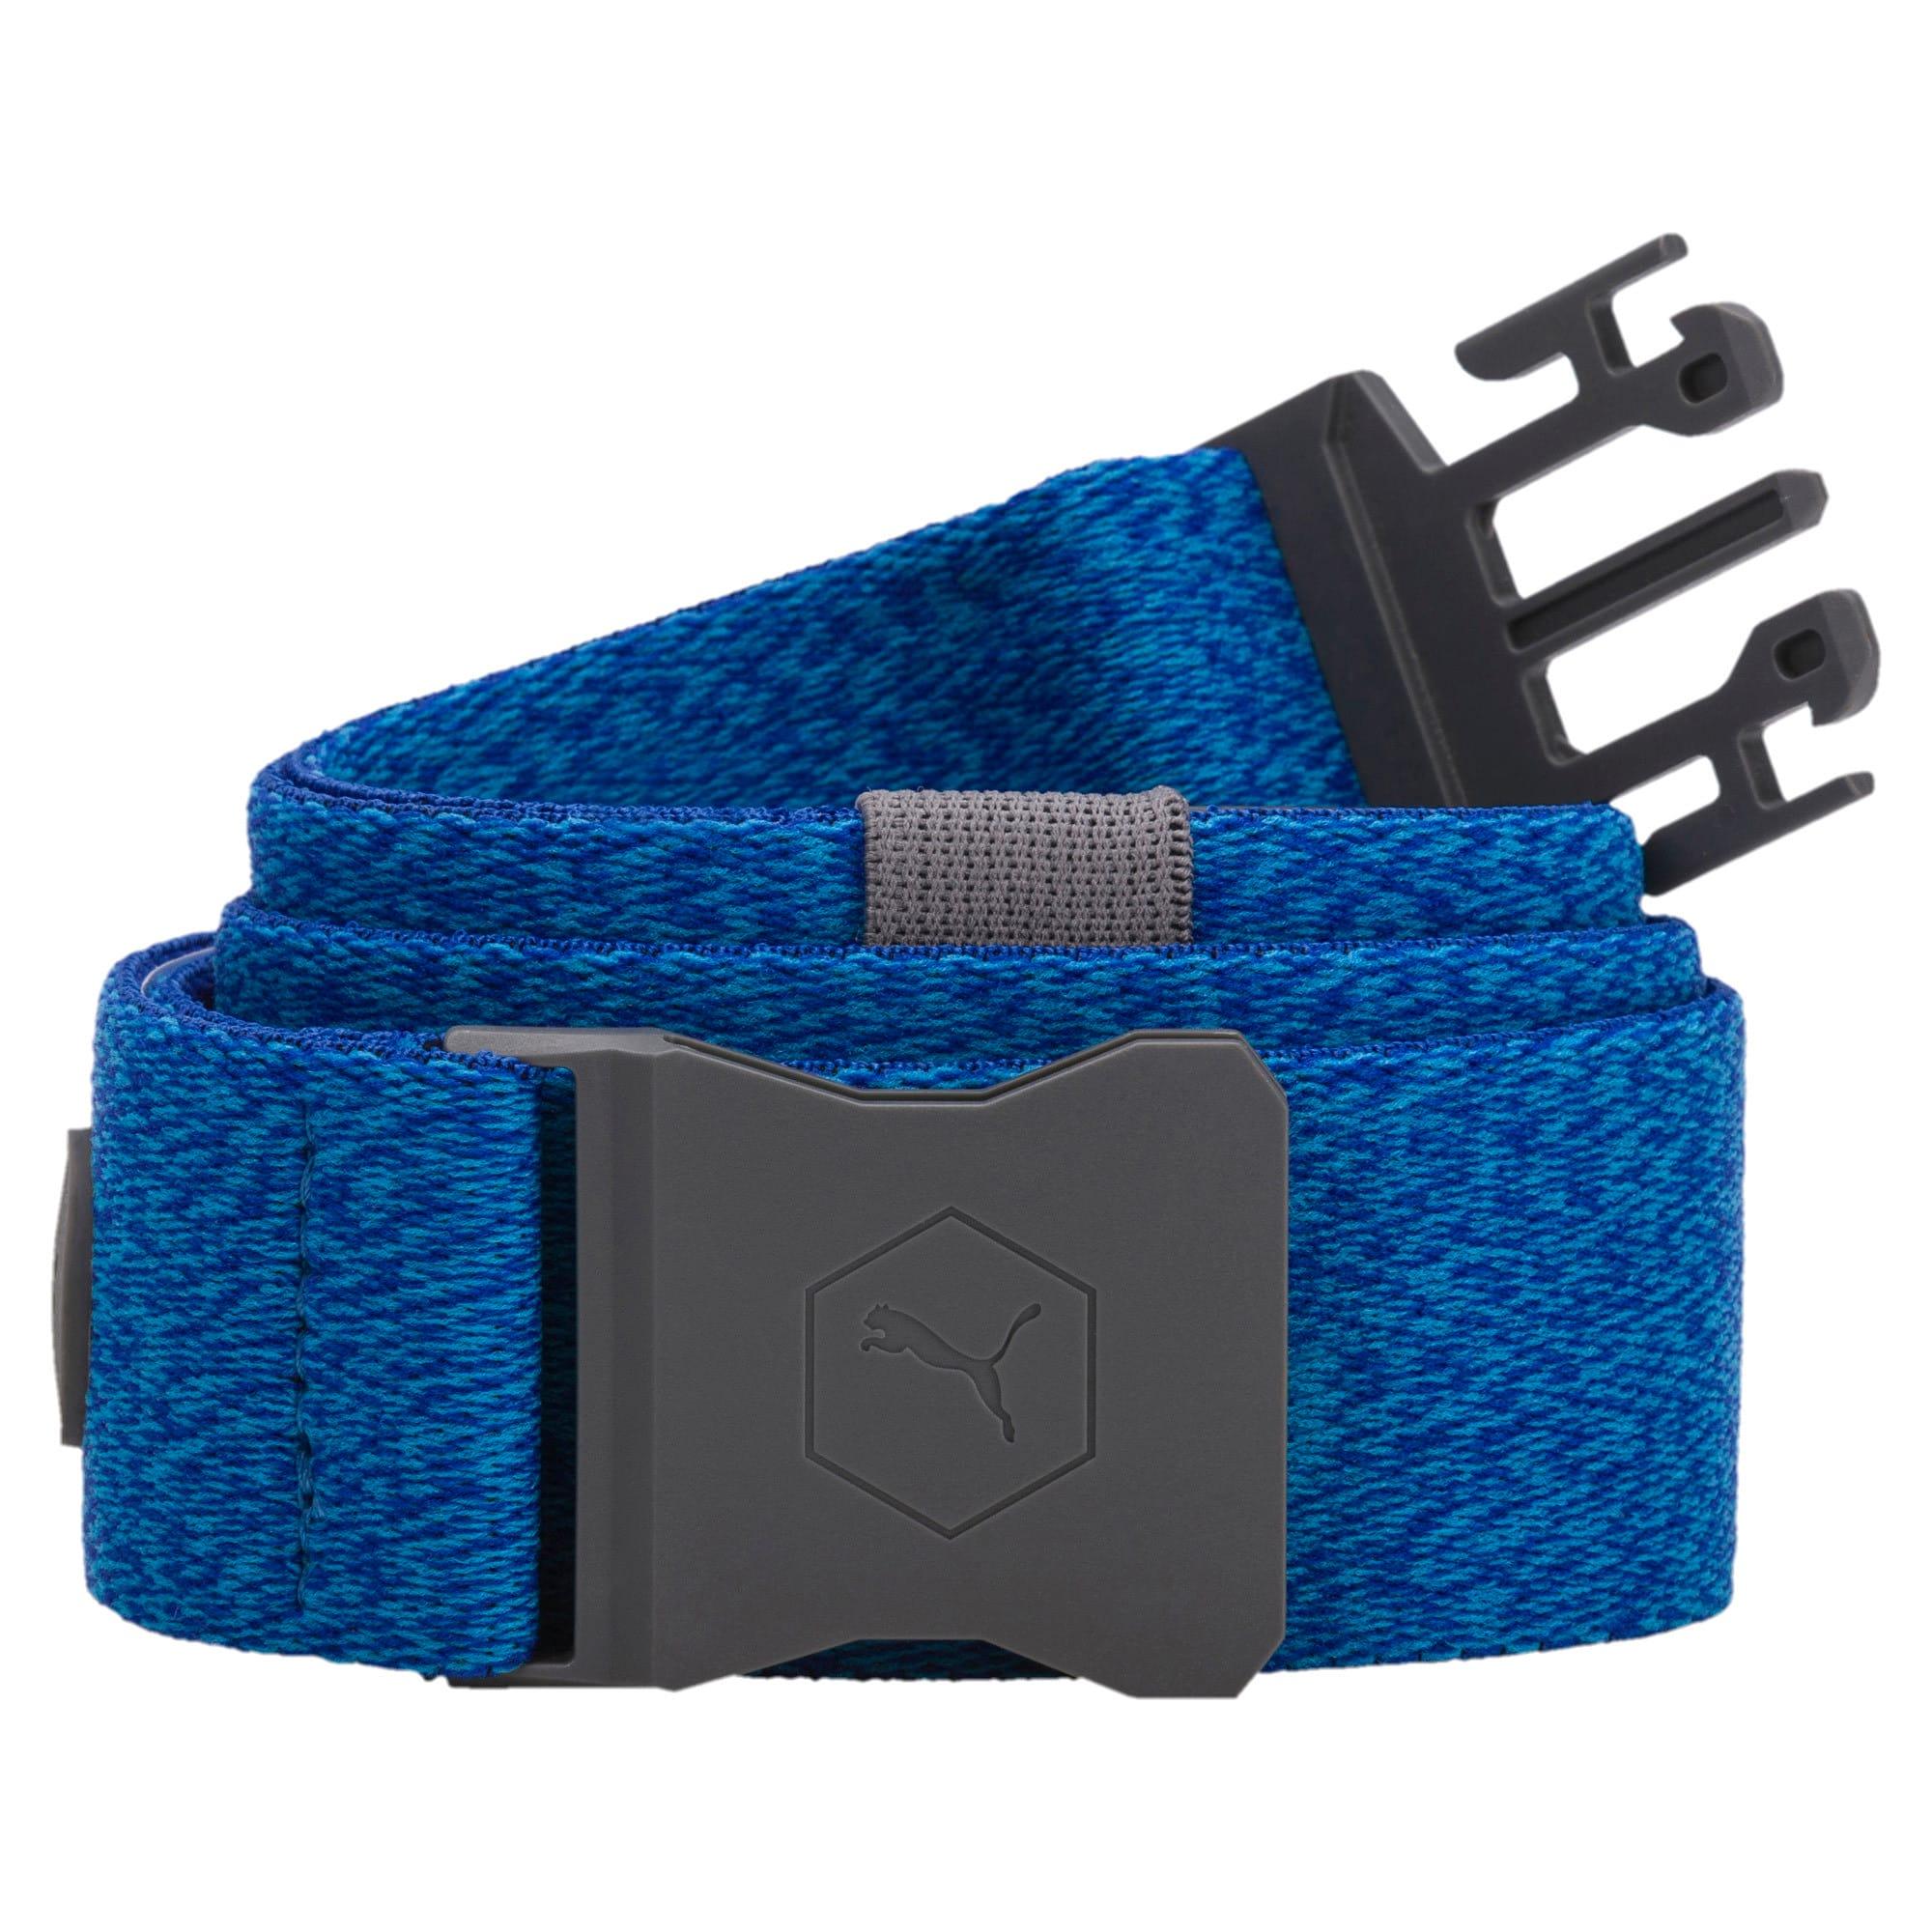 Miniatura 1 de Cinturón elástico Ultralite, Navegar en Internet, mediano